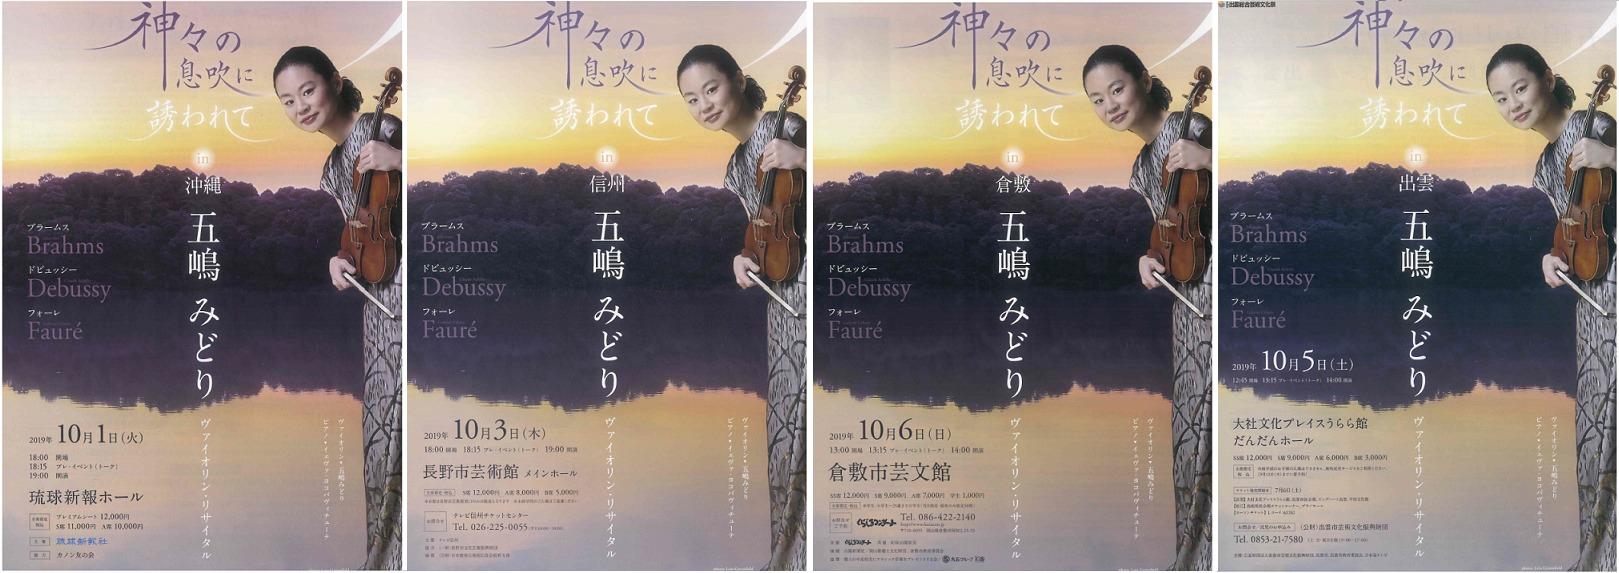 各公演会場のチラシ 左から 沖縄公演、長野公演、倉敷公演、出雲公演